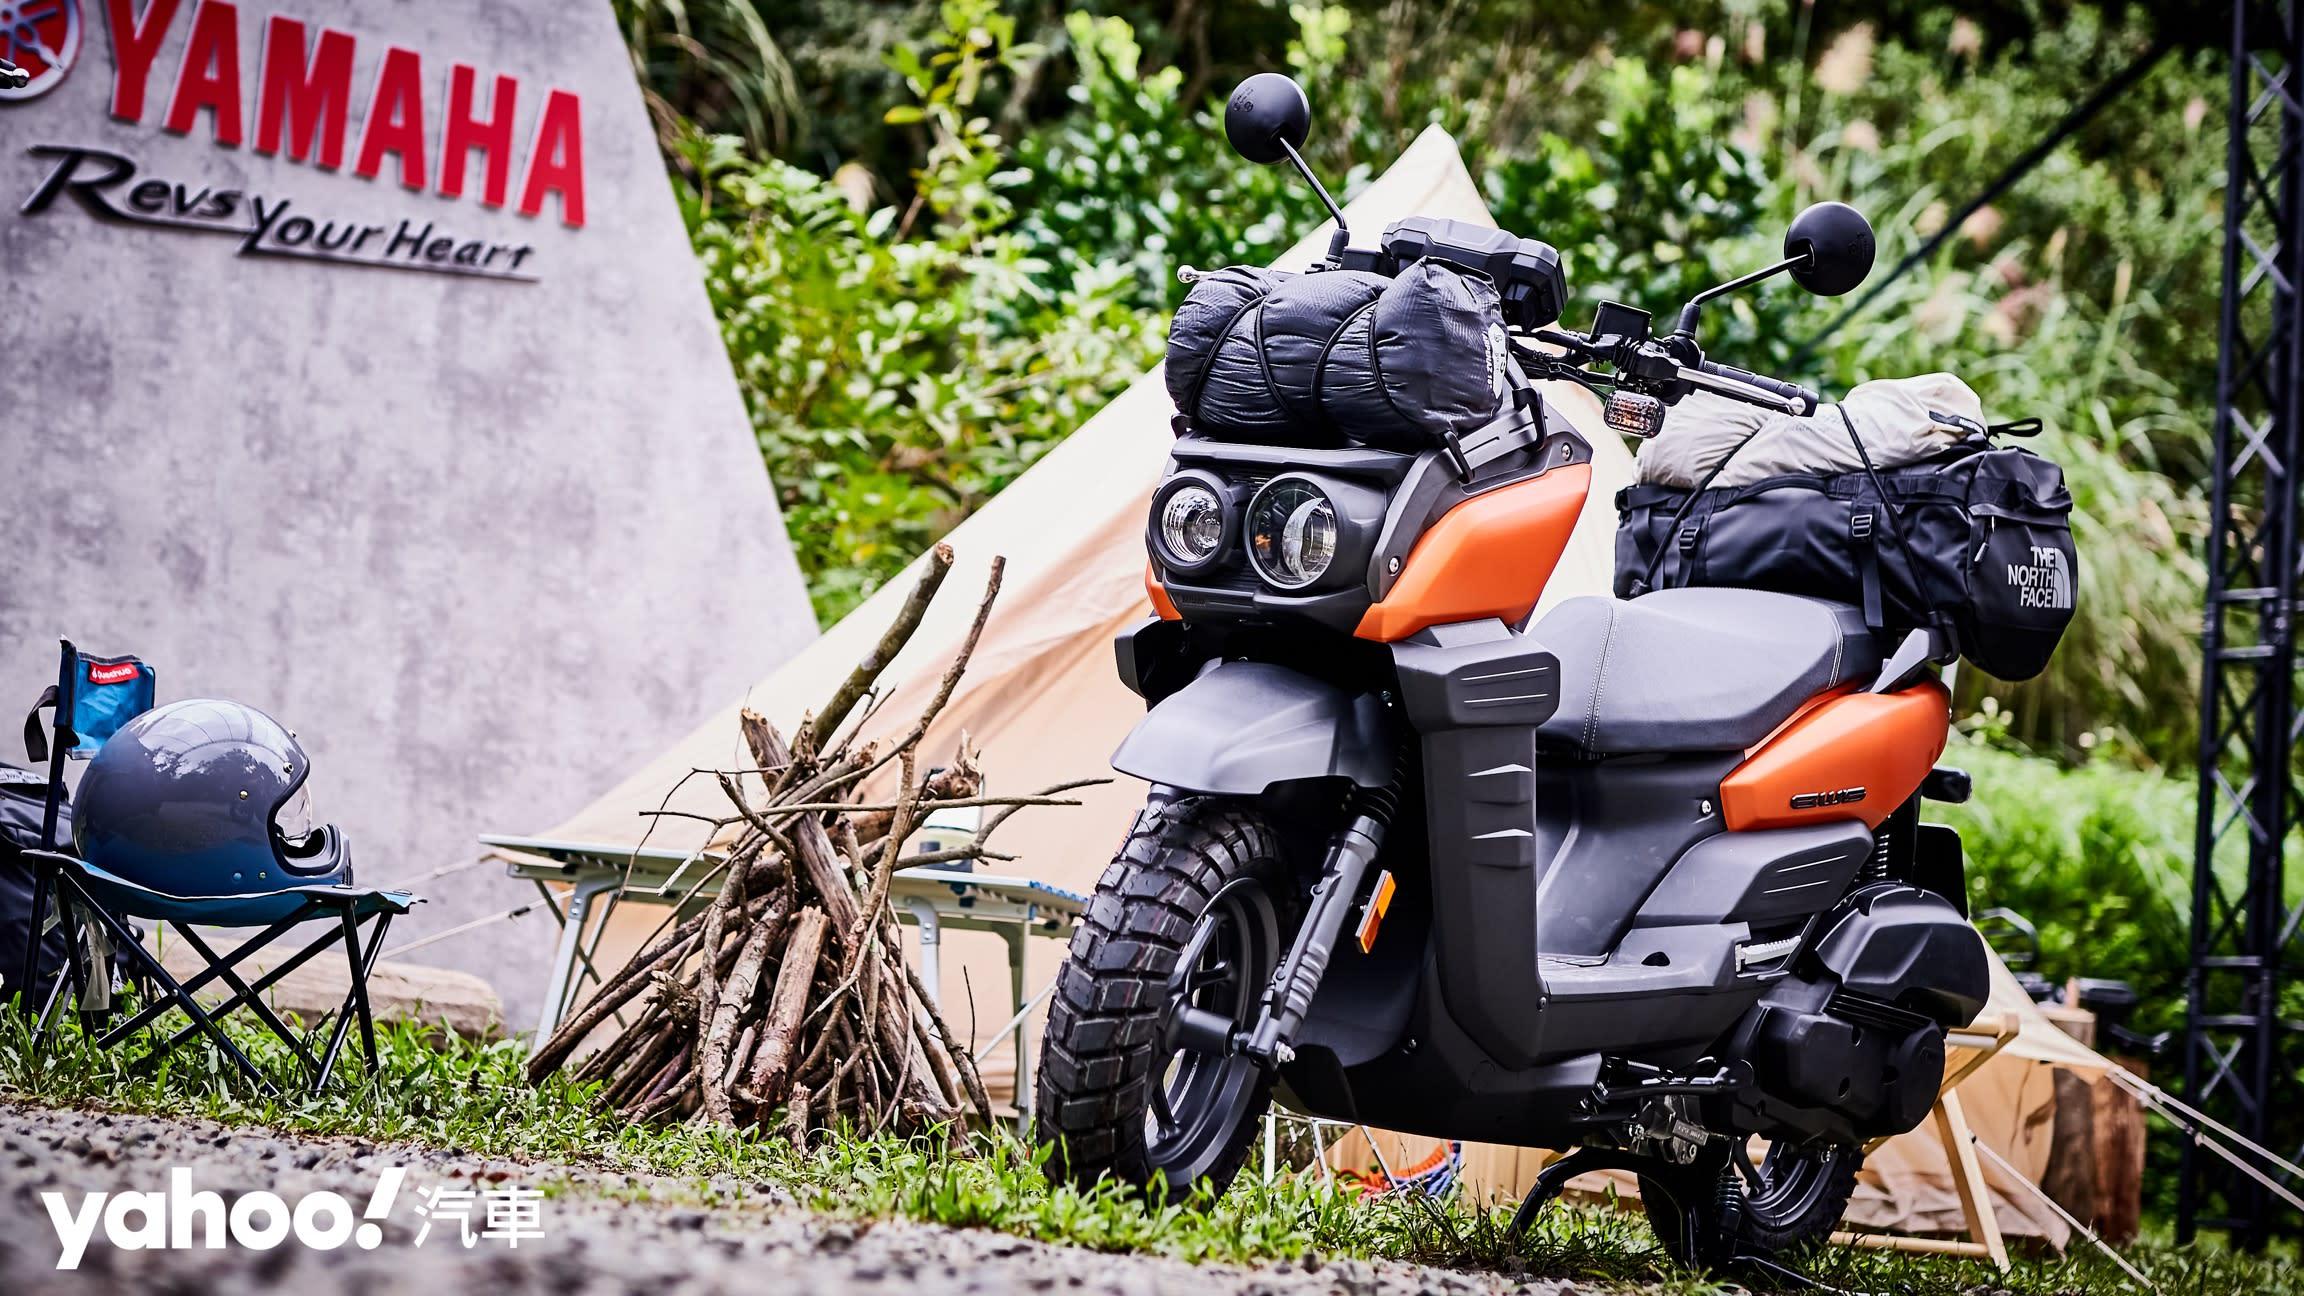 【新車圖輯】外送霸主現身!?2020 Yamaha全新BW'S 125發表、回歸狂野經典風格再現 !